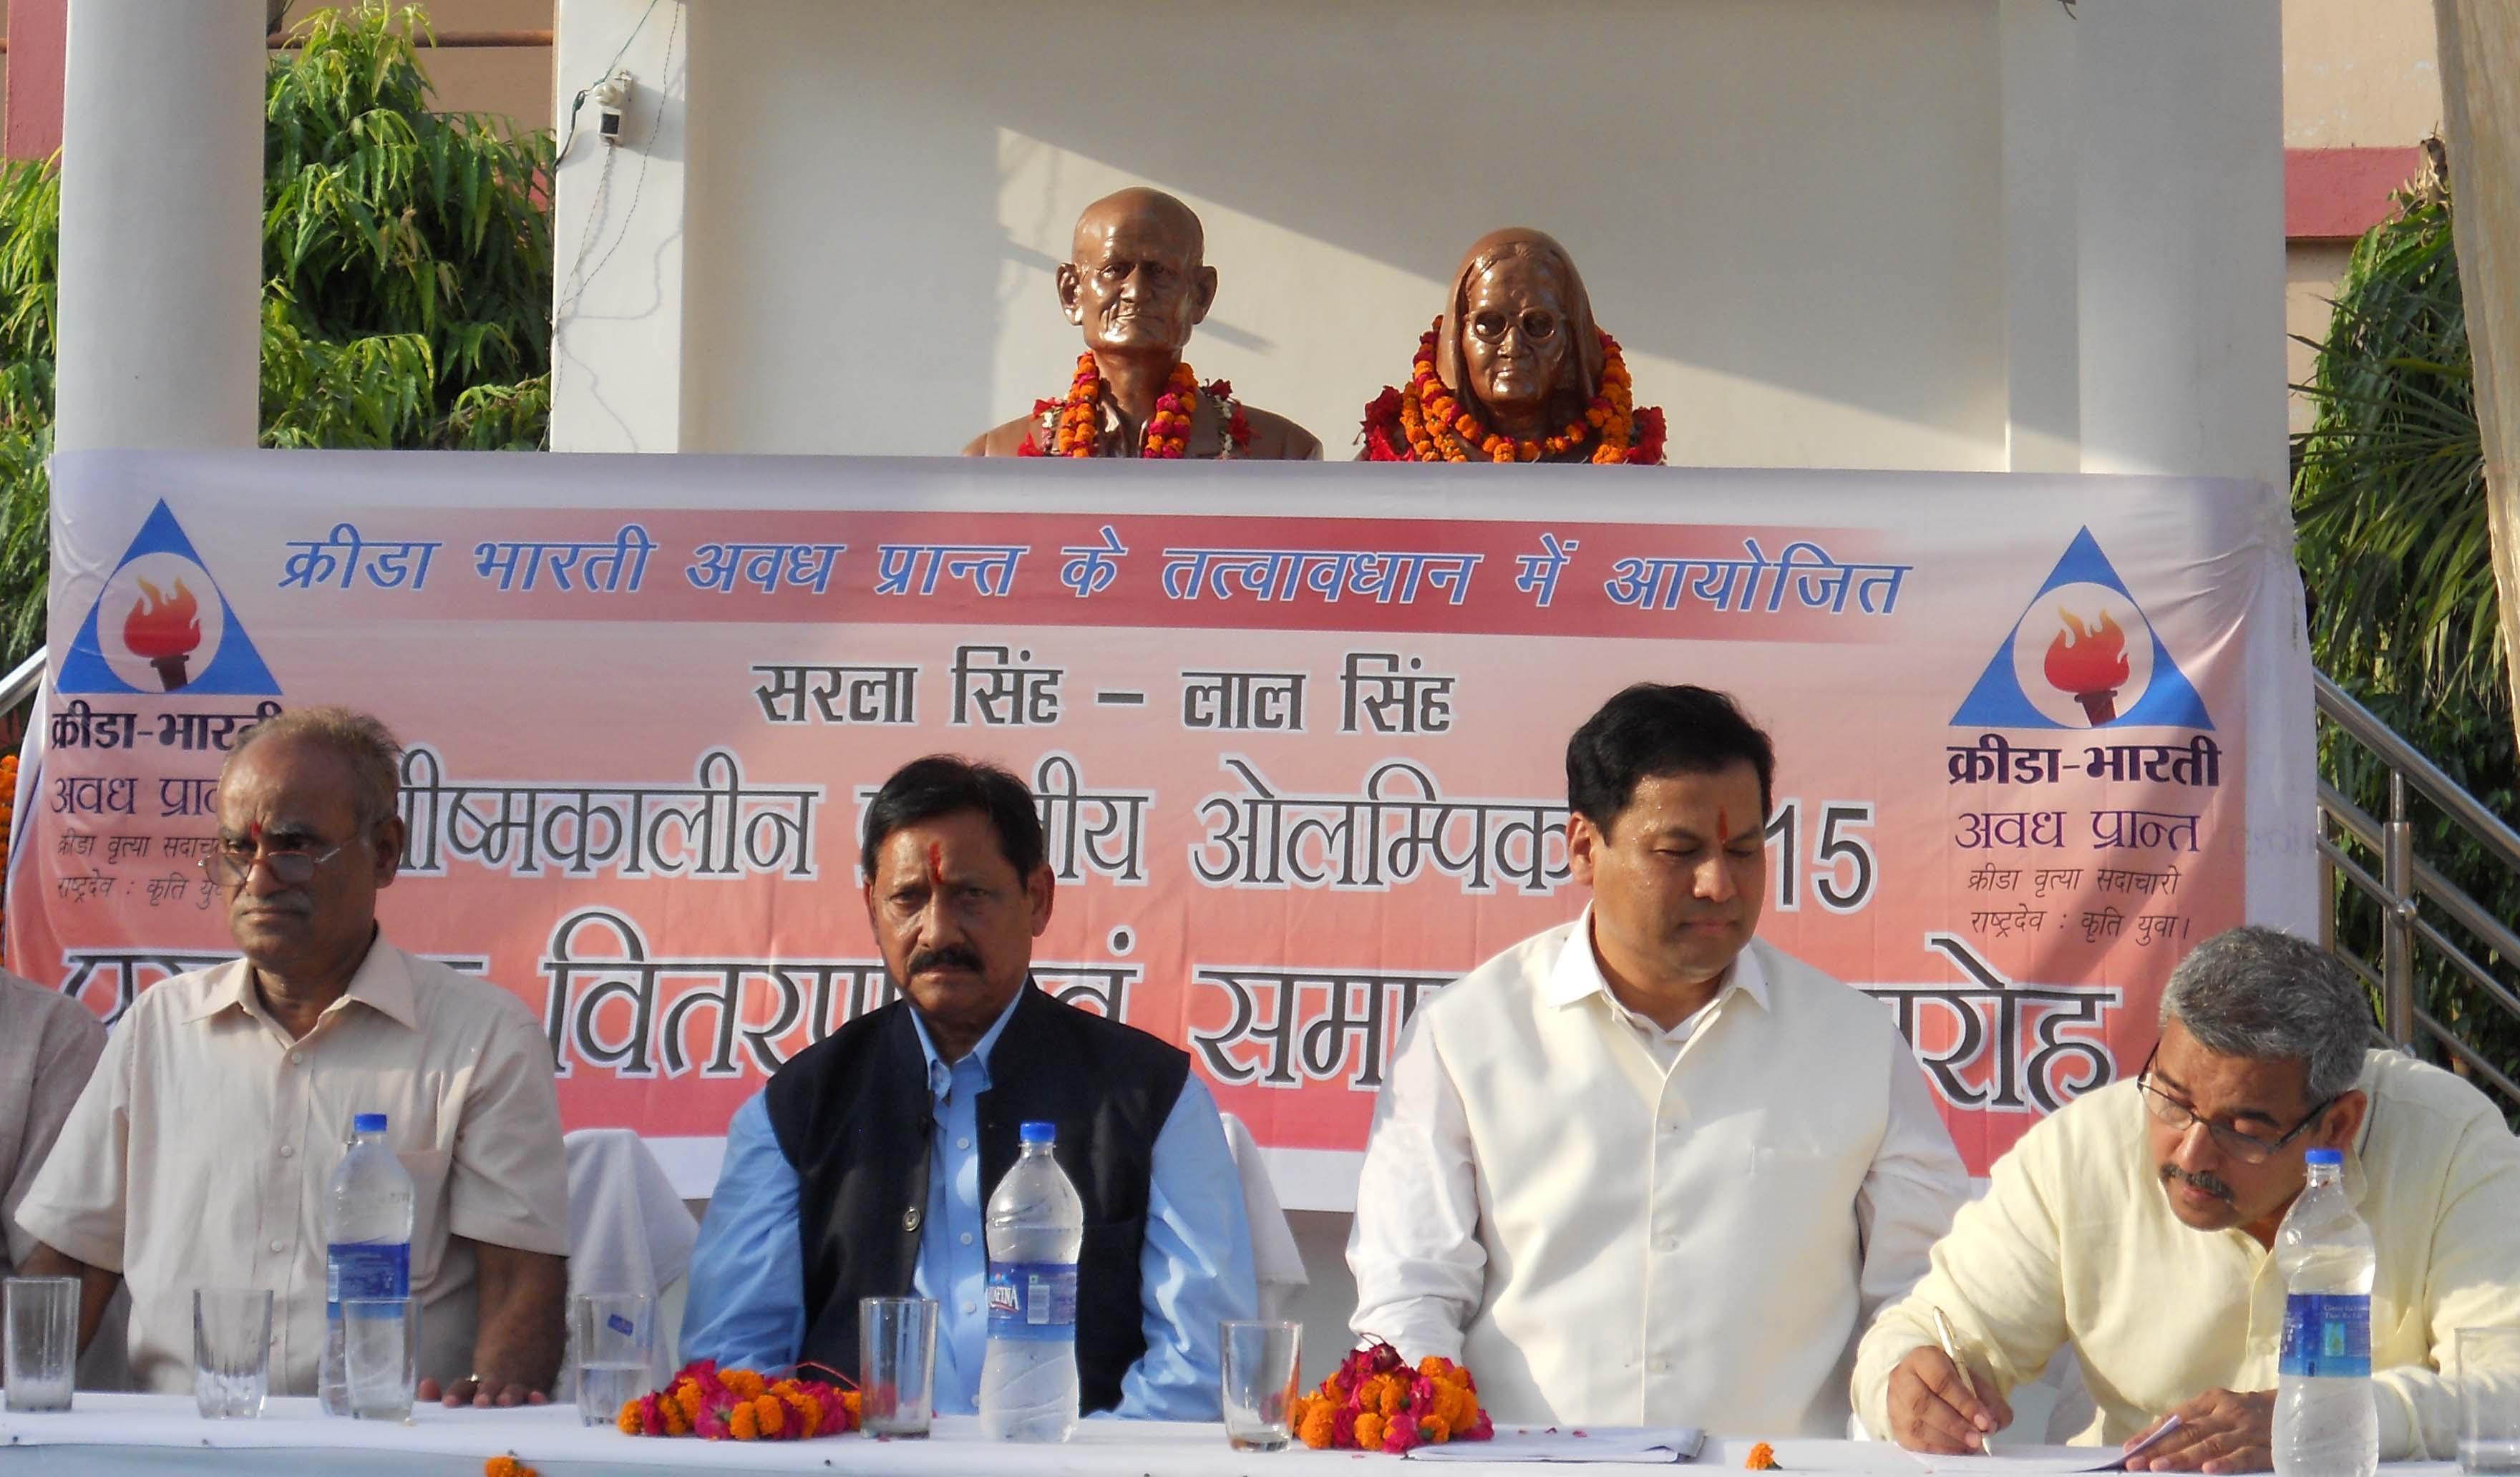 Manch Par baithe prant sangh chalak prabhunayan ji chetan chauhan ji sarvanand sonewal ji aur prant pracharak Sanjay ji